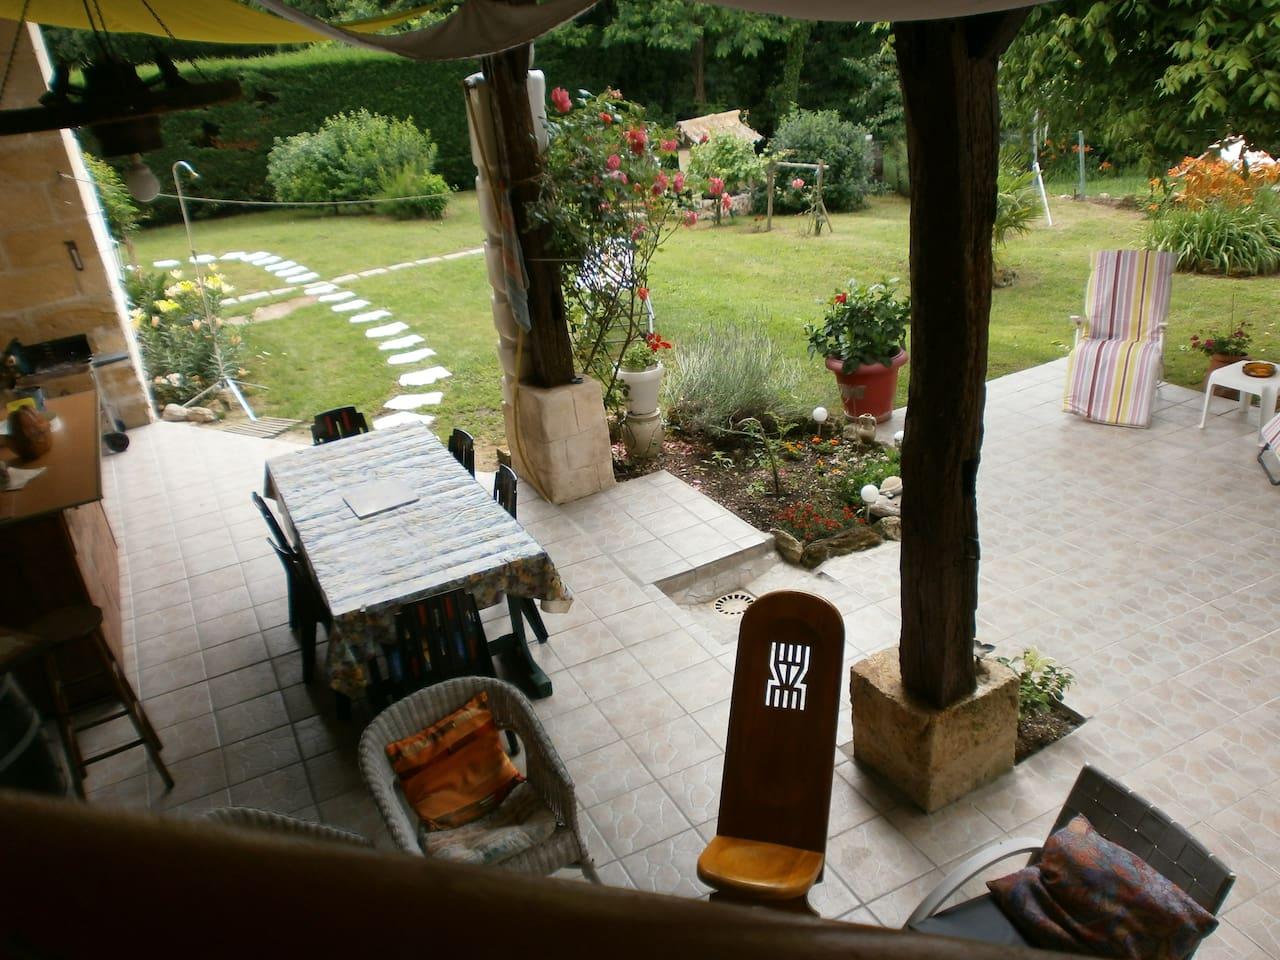 vue sur la terrasse et son jardin.